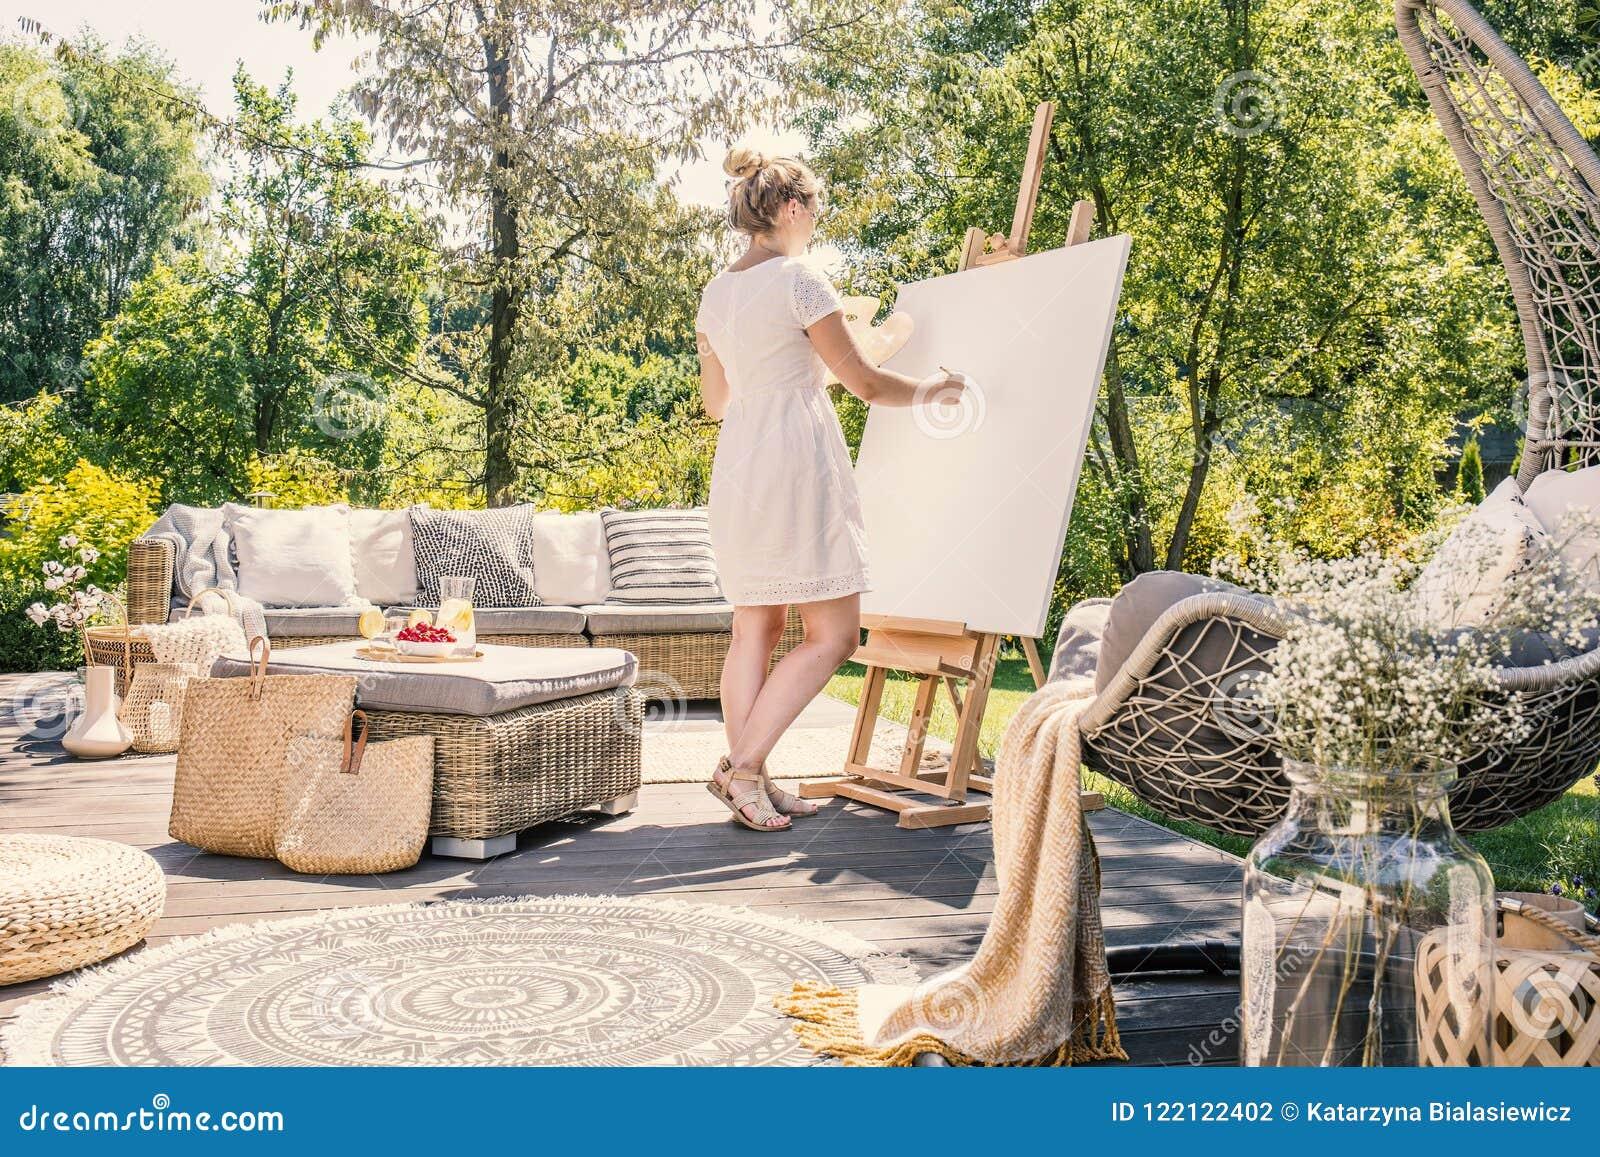 Pintura da jovem mulher em uma lona branca em um terraço ensolarado com g